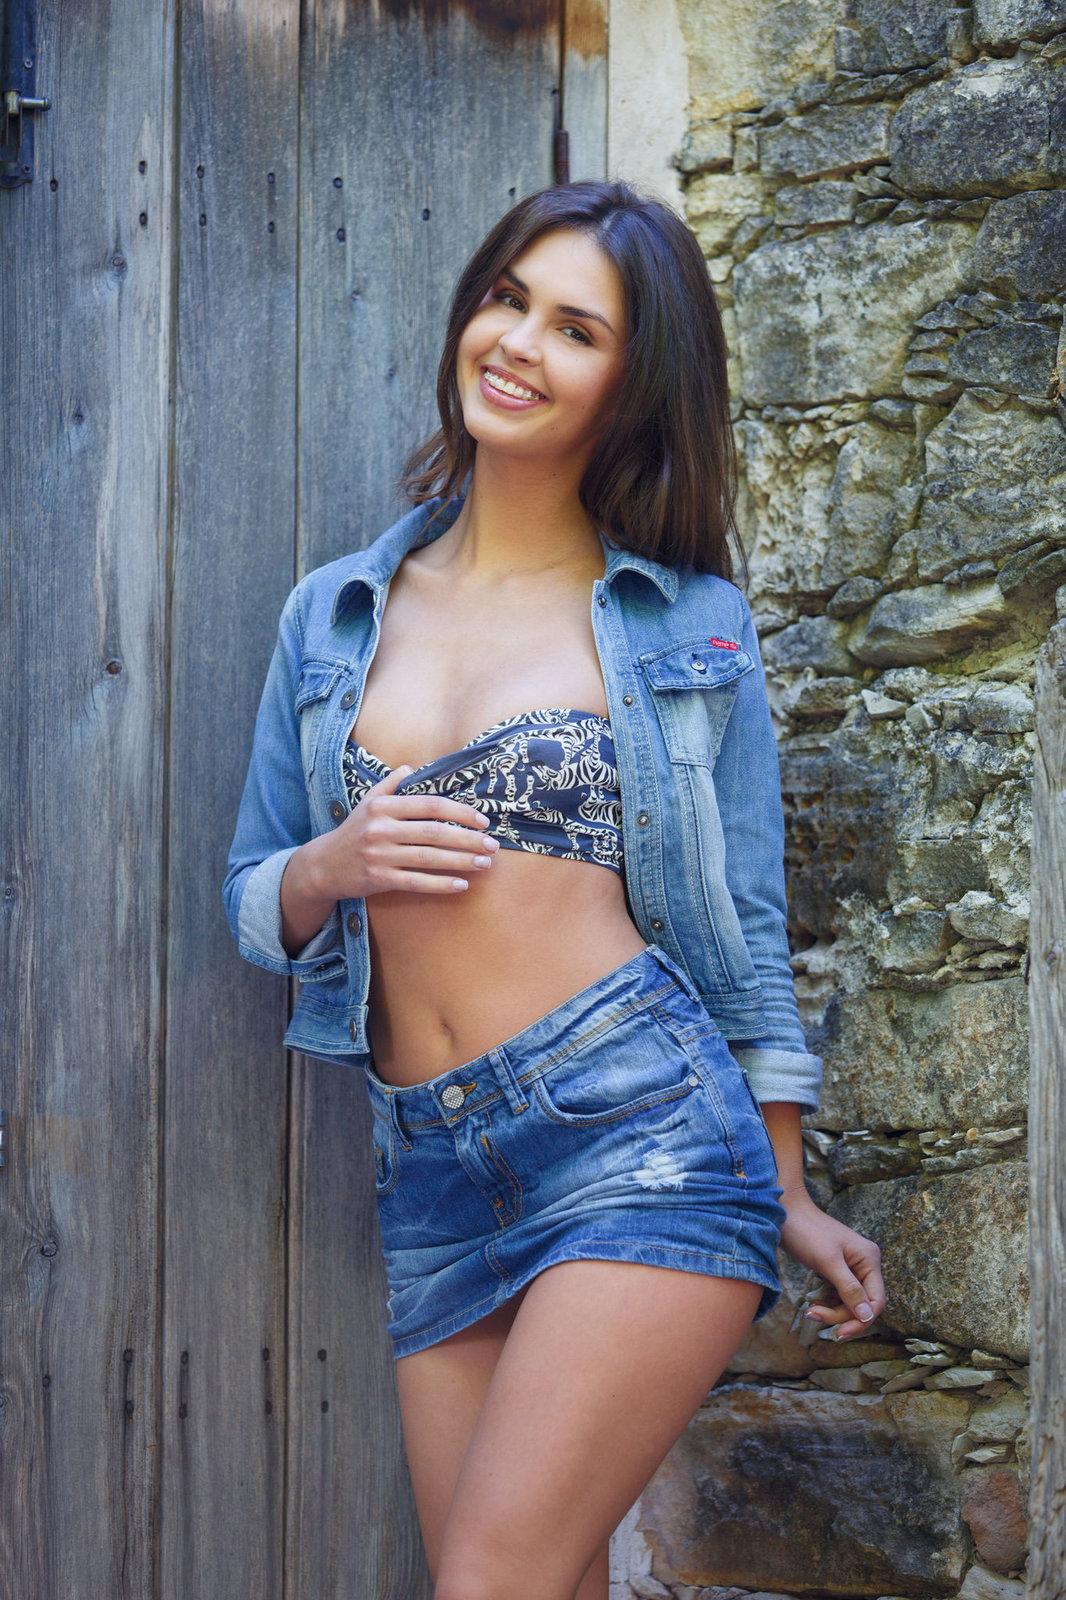 голая в джинсовой юбке завораживающе